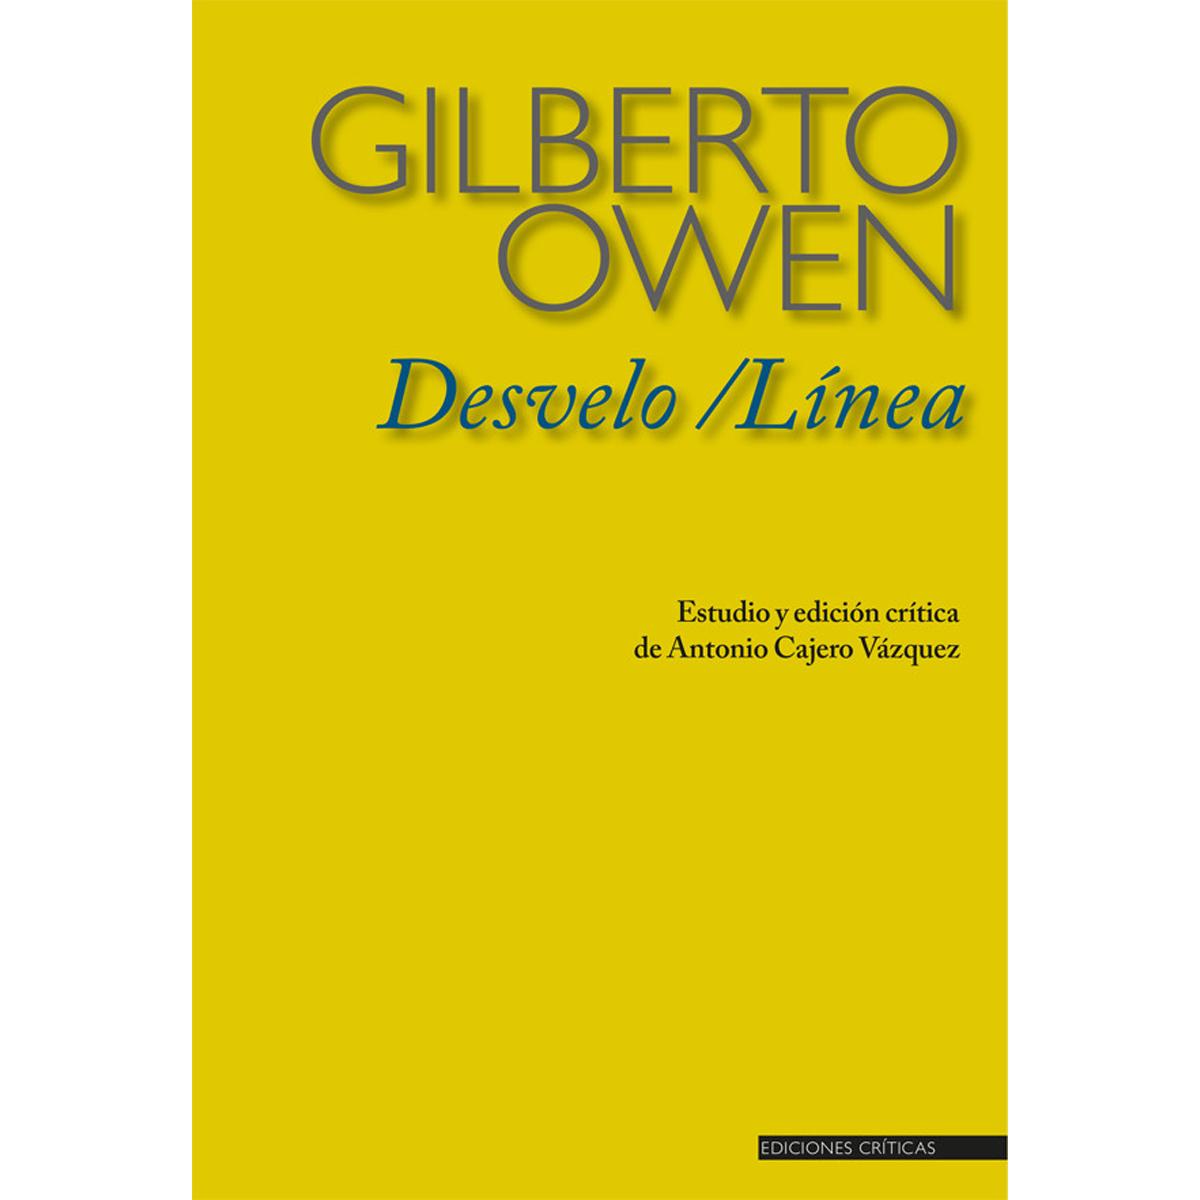 Desvelo / Línea de Gilberto Owen